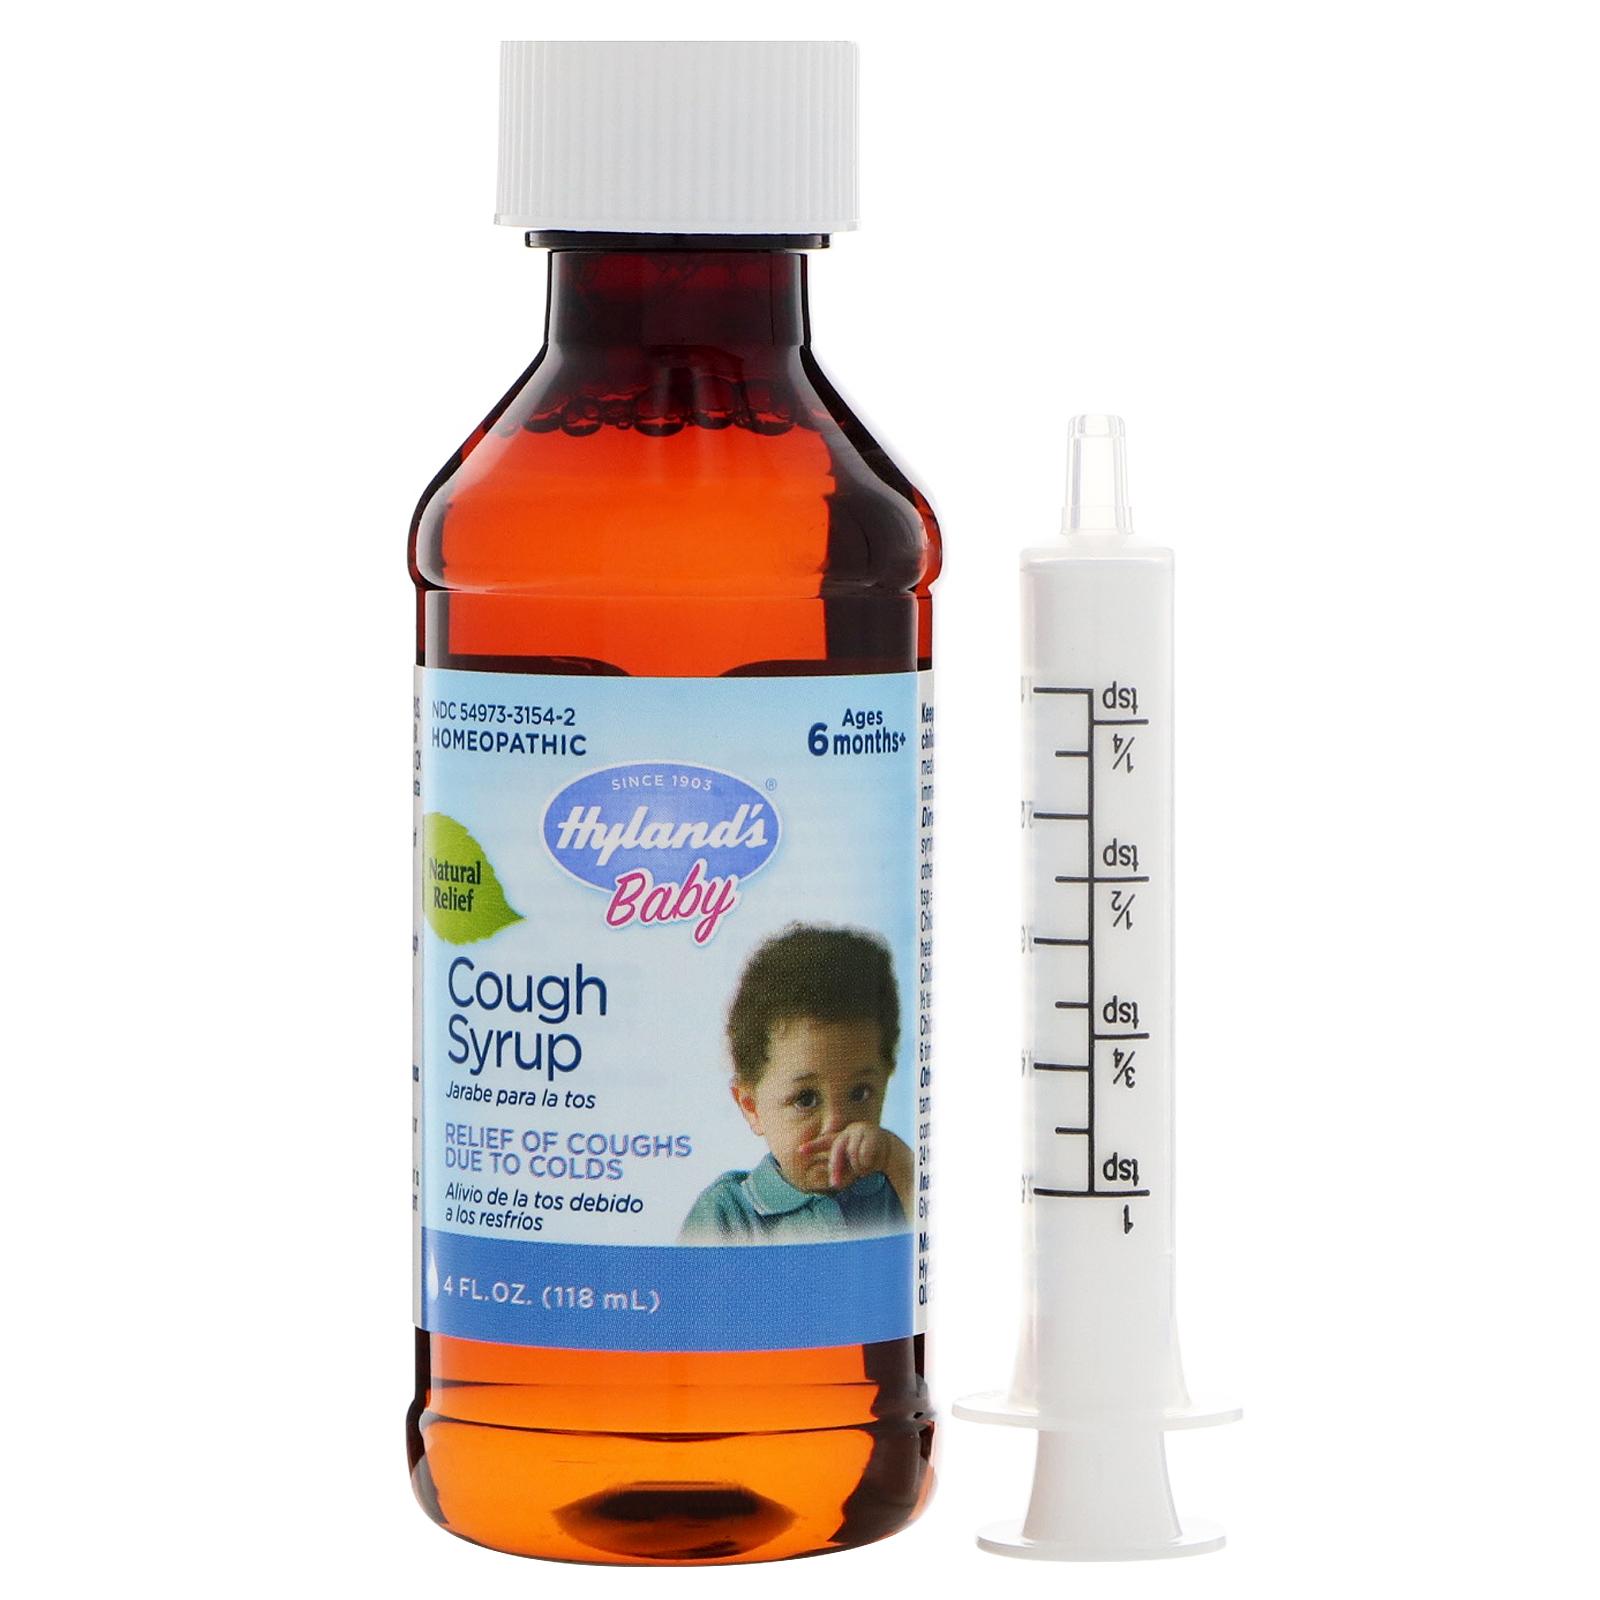 Hyland S Baby Cough Syrup 4 Fl Oz 118 Ml Iherb